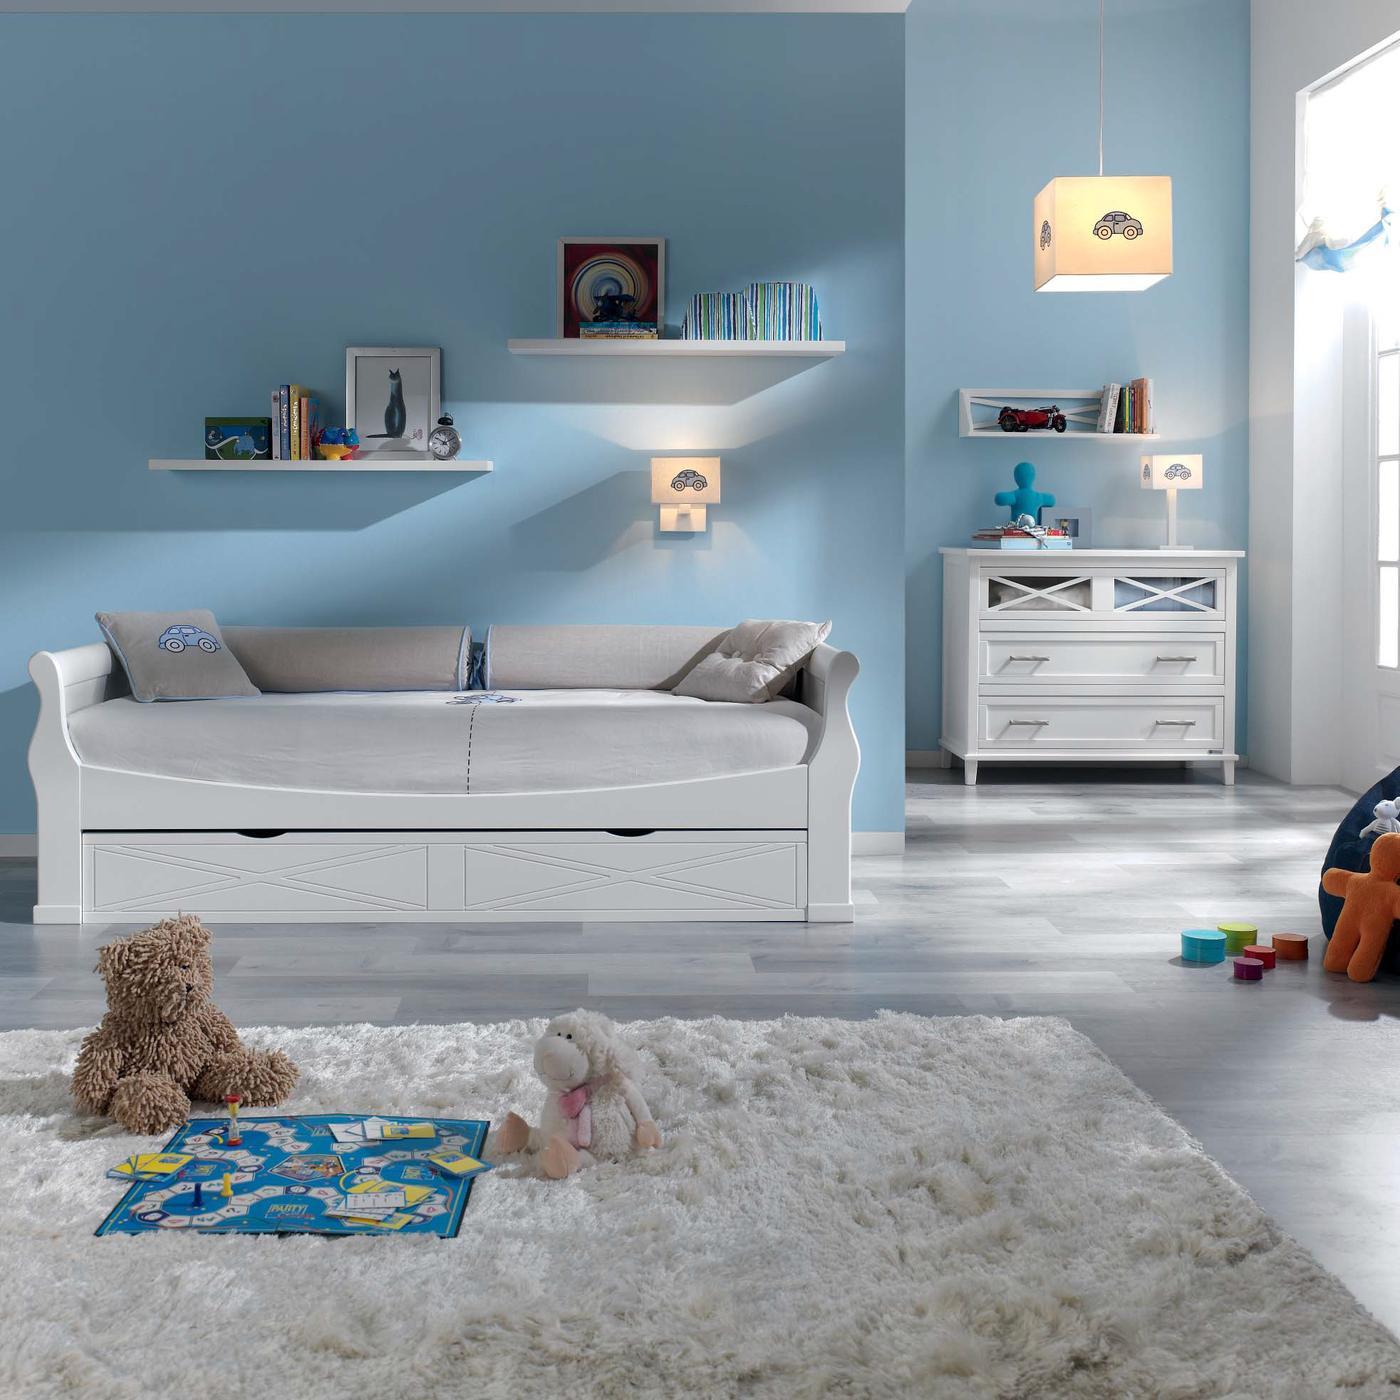 Ideas de cama nido blanca para habitaciones infantiles for Cama nido precios baratos